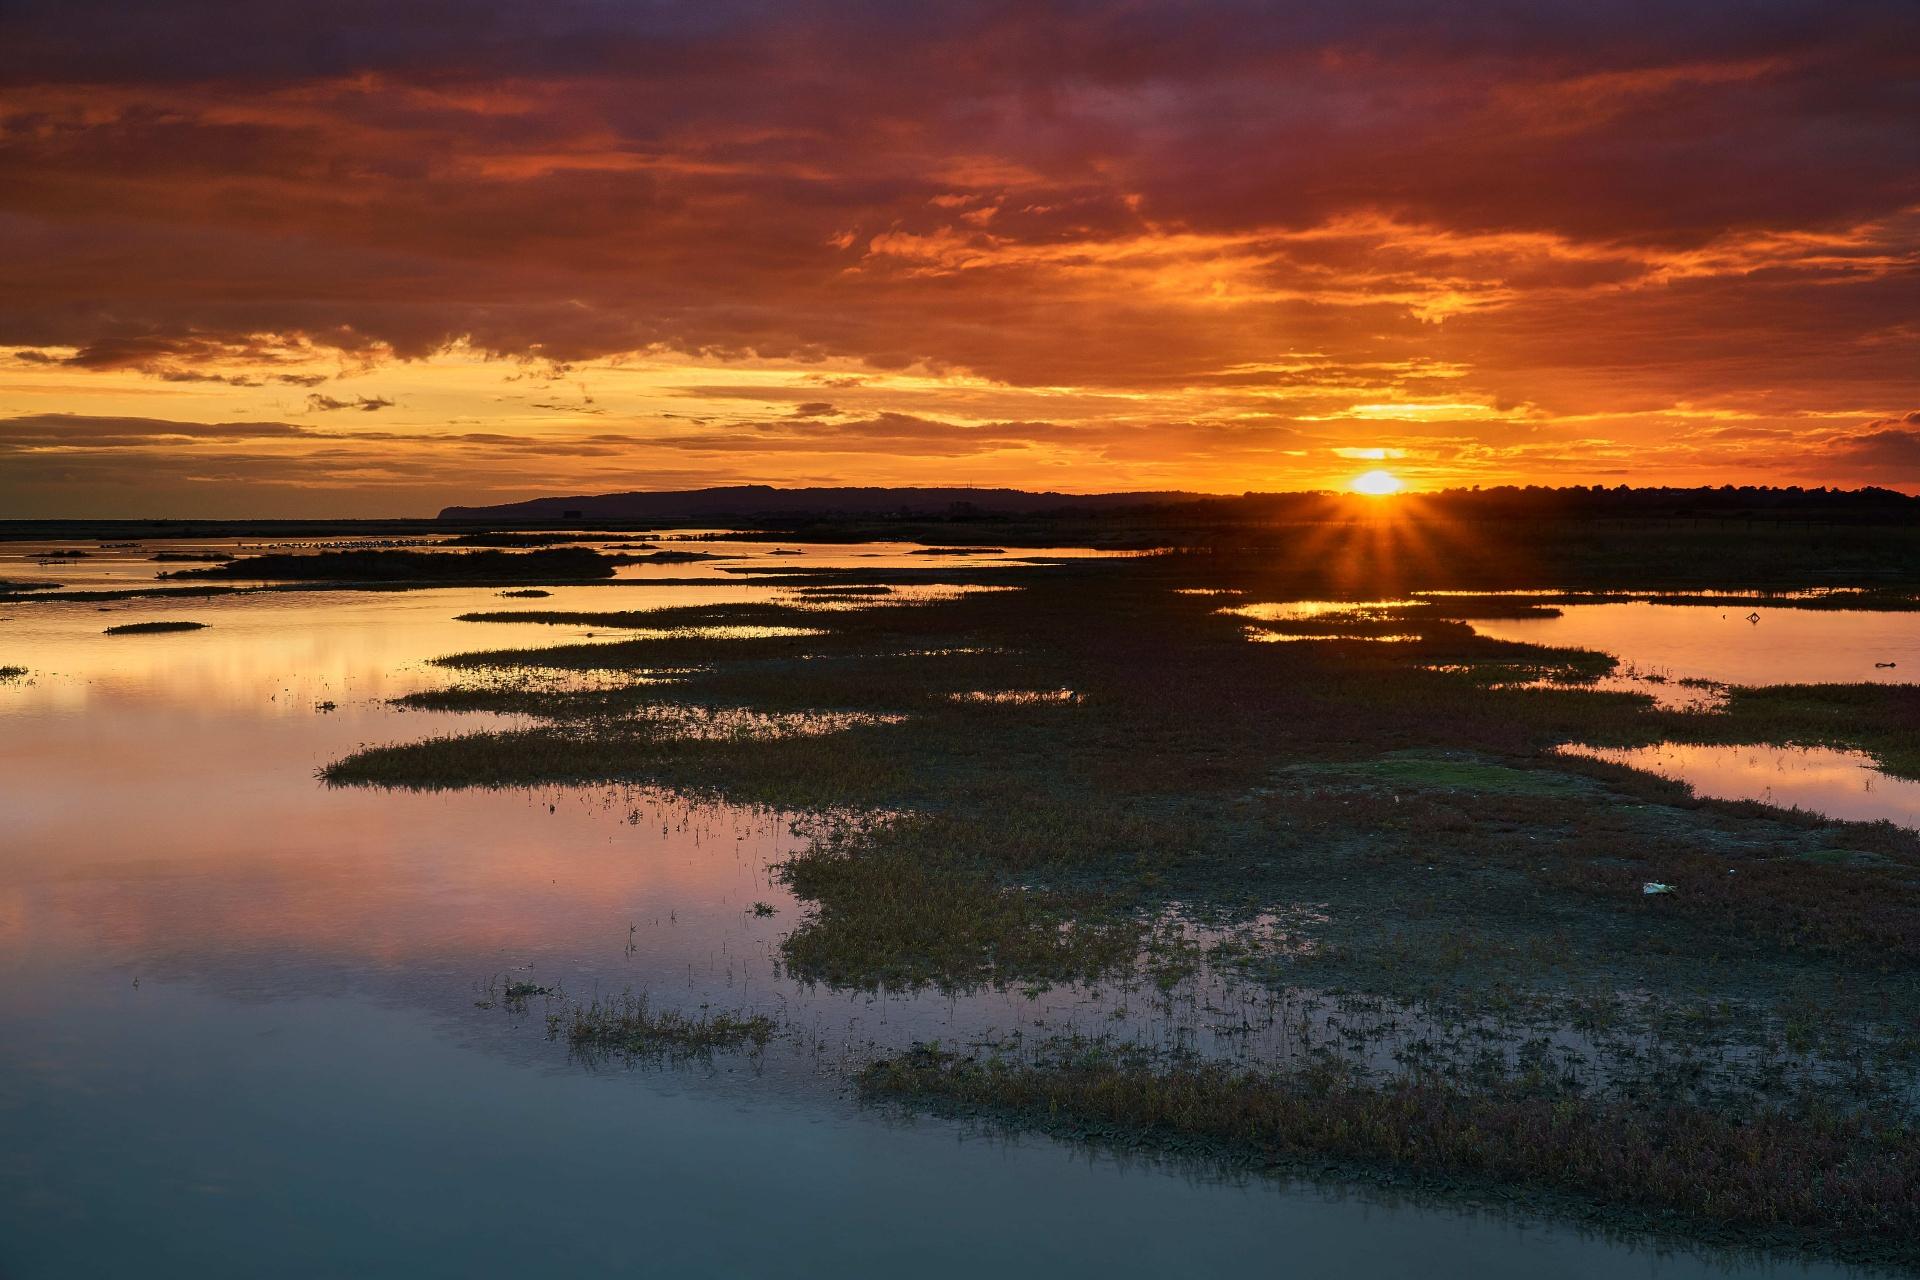 夕暮れの湿地帯の風景 ライ イースト・サセックス イングランド